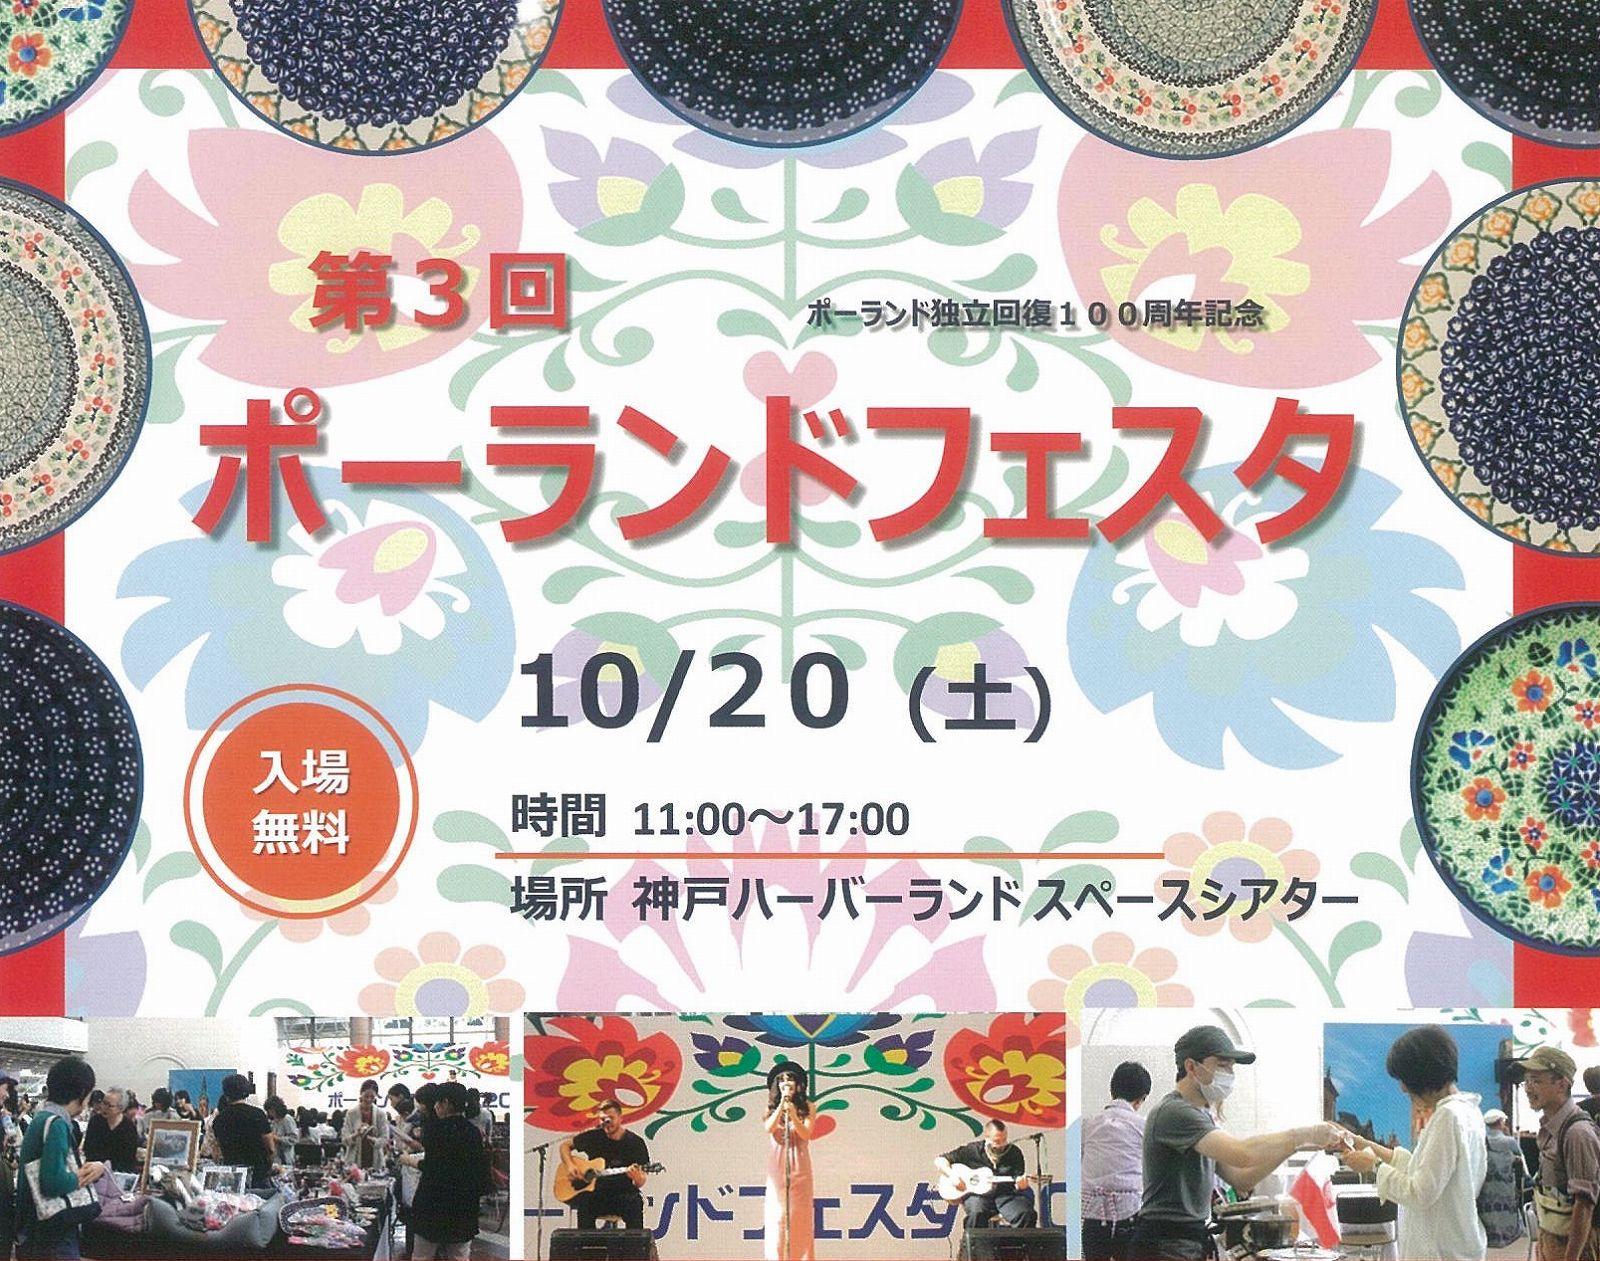 神戸ハーバーランドスペースシアターで10/20(土)「第3回 ポーランドフェスタ」が開催されるよ! #ポーランドフェスタ #ポーランド #ハーバーランド